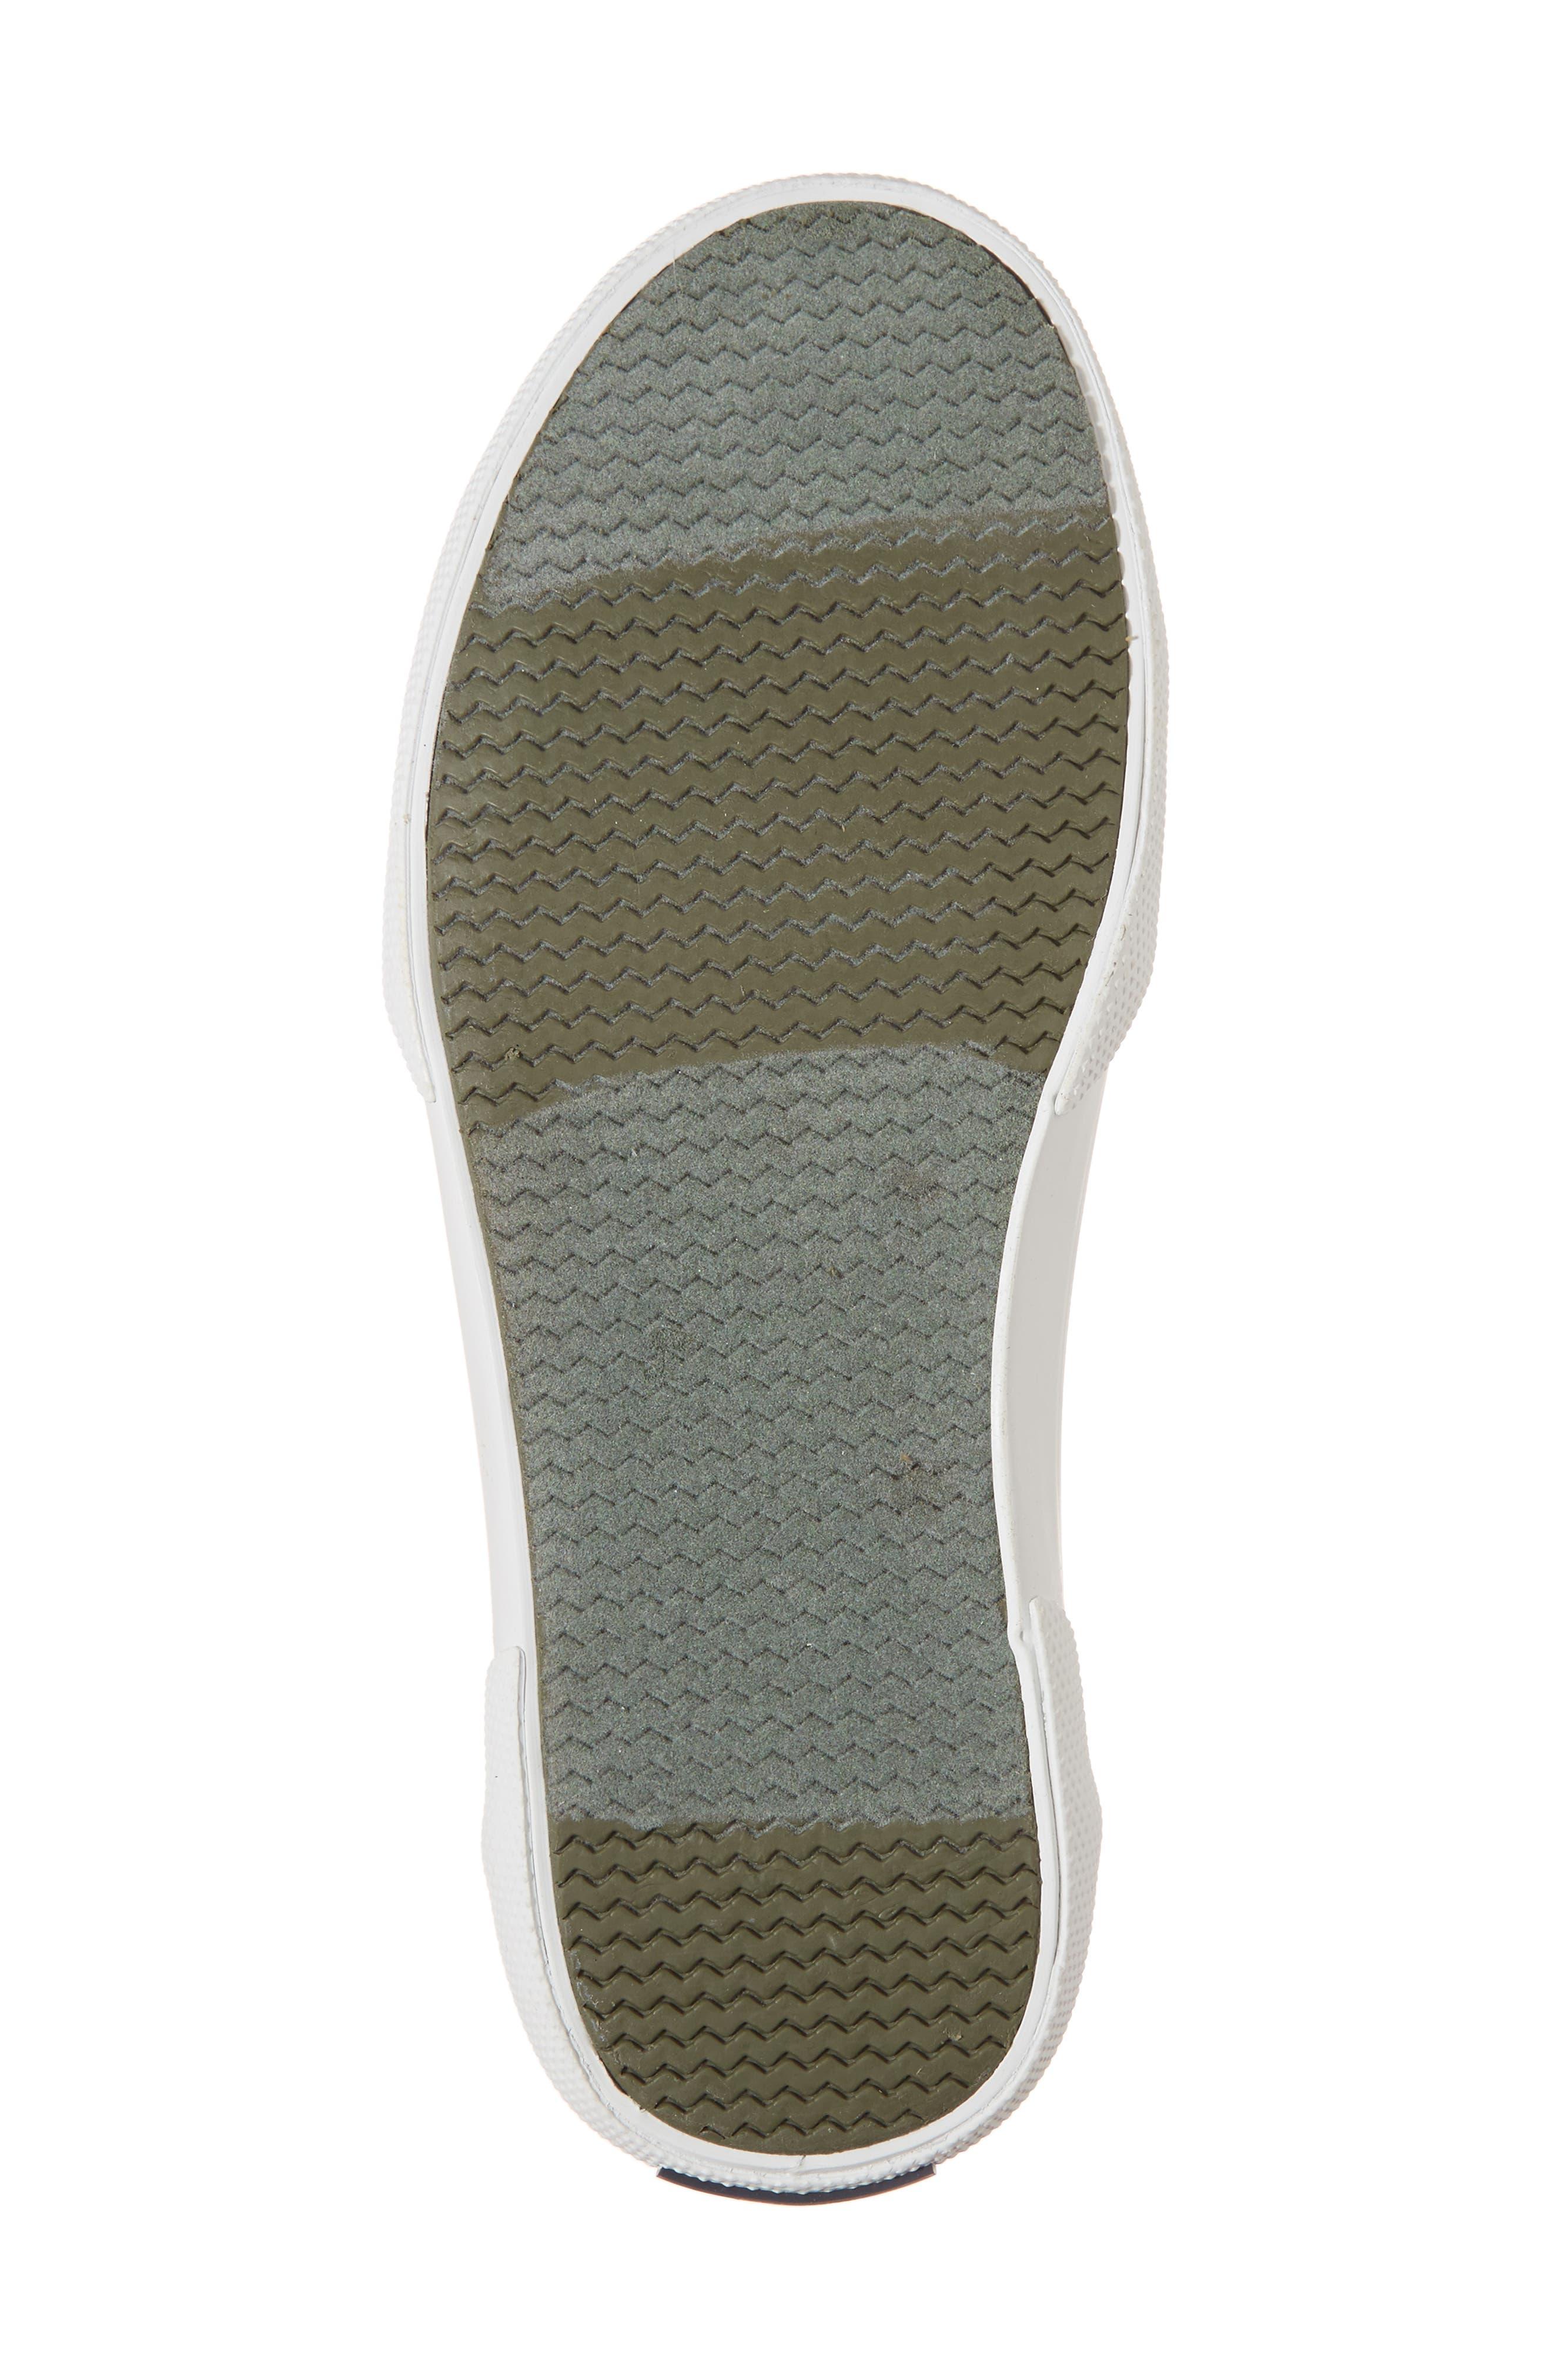 Sperry Deckfin Sneaker,                             Alternate thumbnail 6, color,                             Caramel